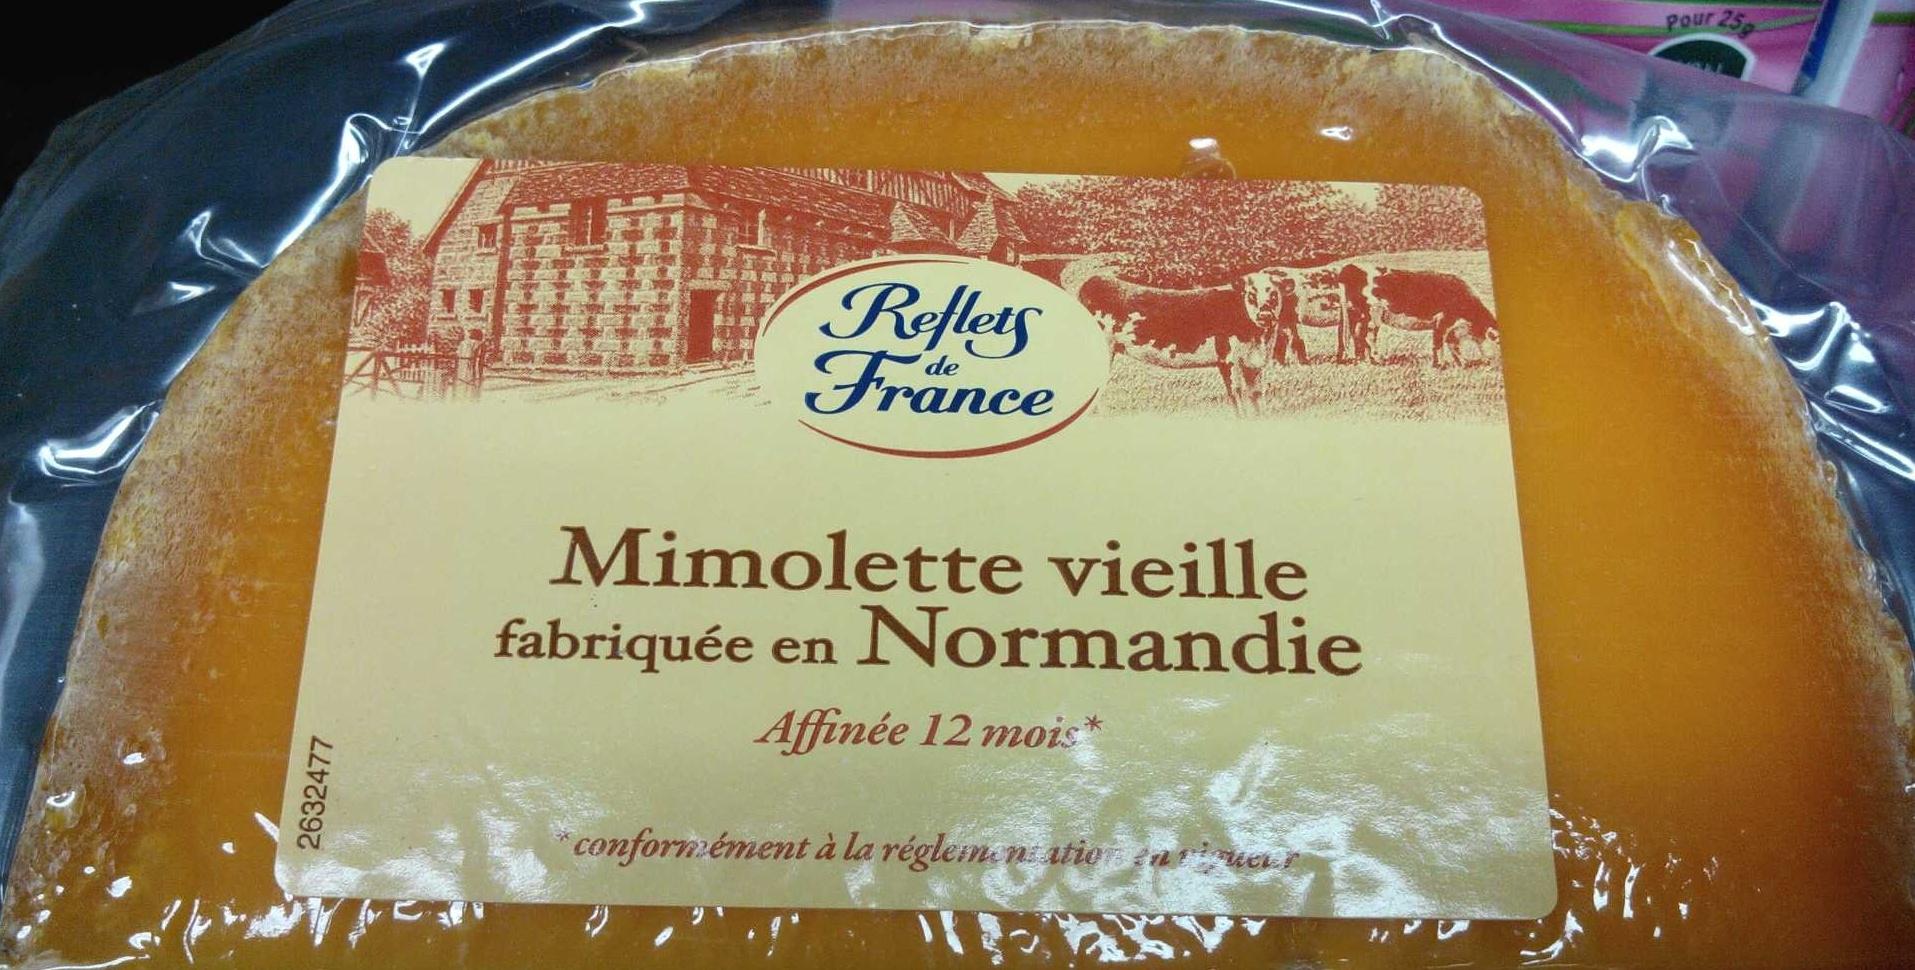 Mimolette vieille fabriquée en Normandie - Produit - fr